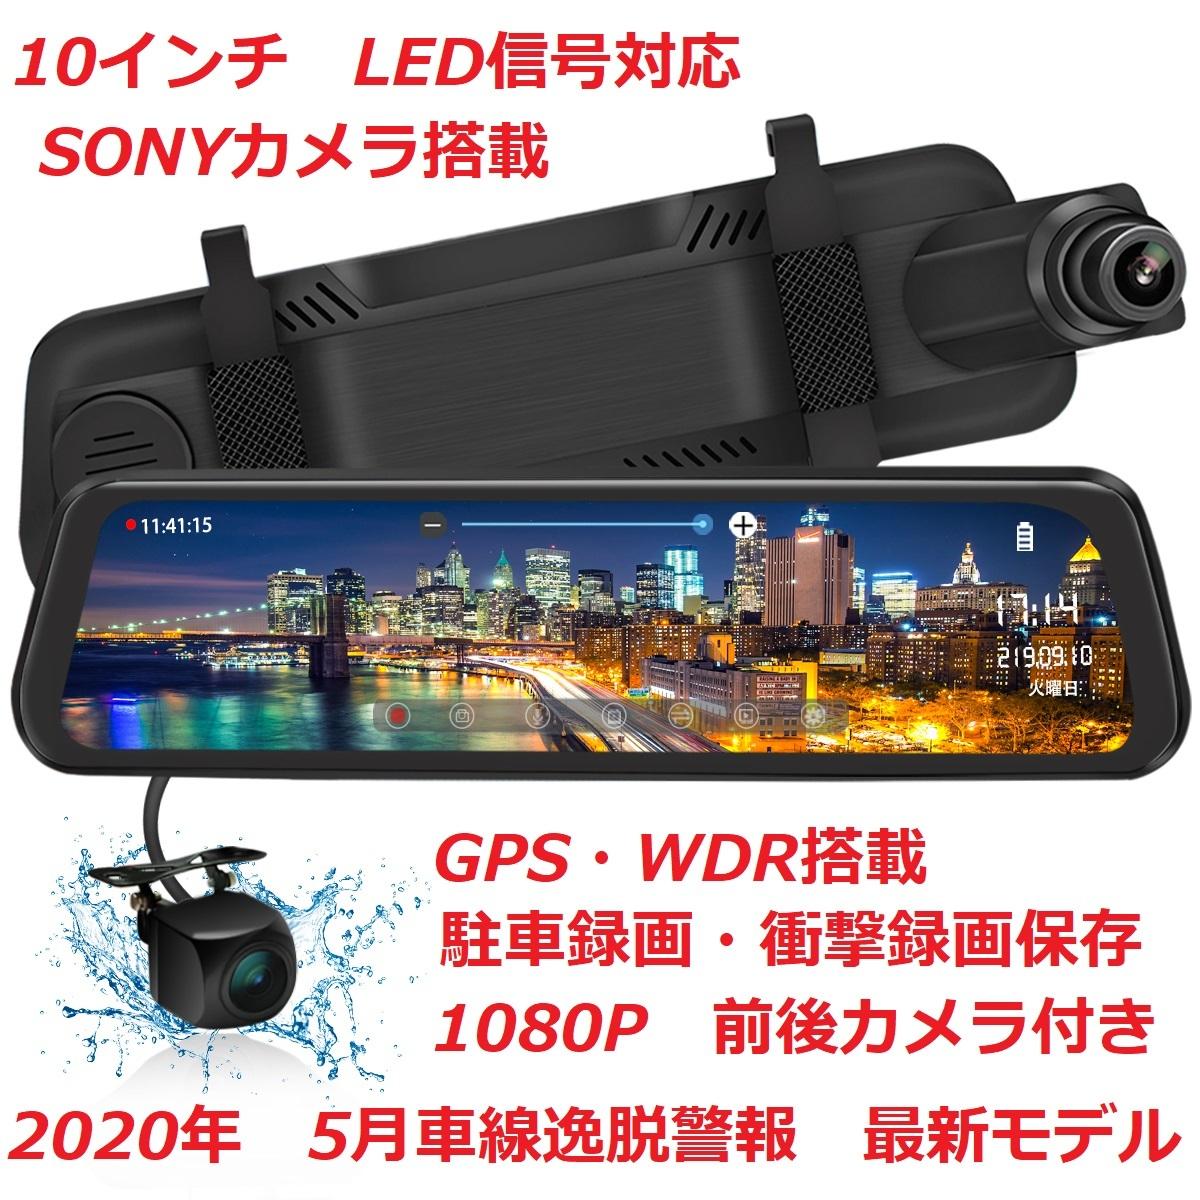 2020年5月最新 PR996S SONYカメラ タッチパネル前後カメラ 車線逸脱警報 32GB SD付 GPS ドライブレコーダー ミラー型 10インチ 日本製取説